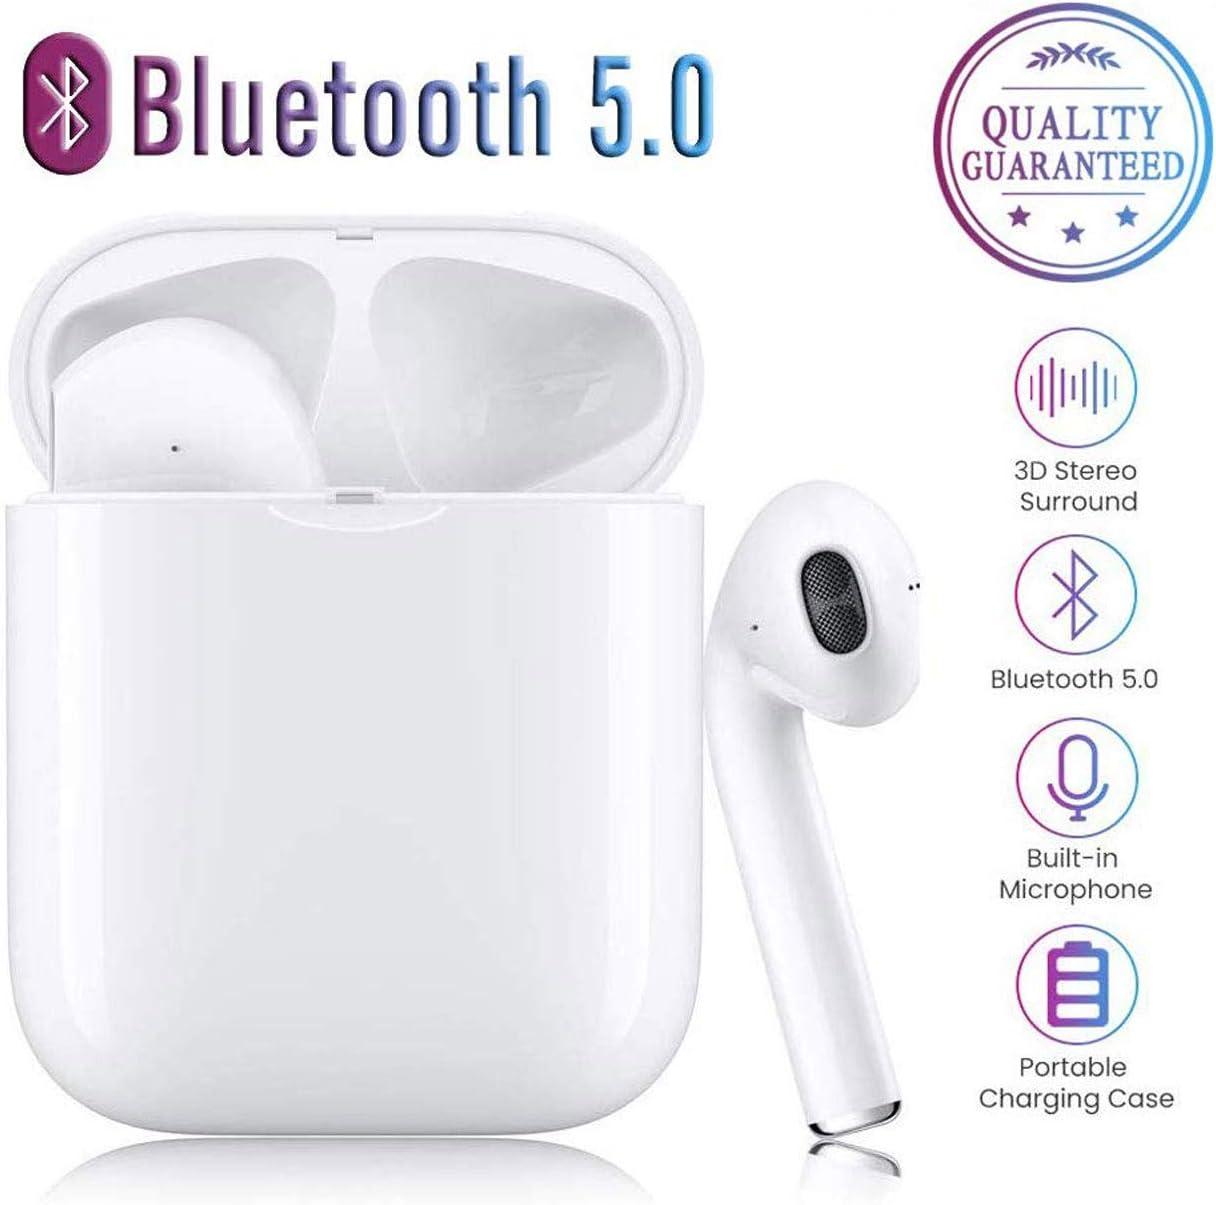 Bluetooth Headphones5.0 Wireless Earbuds 3D StereoWireless Headphones Bluetooth 5.0,3D Stereo Wireless Sports Headset for Smartphones